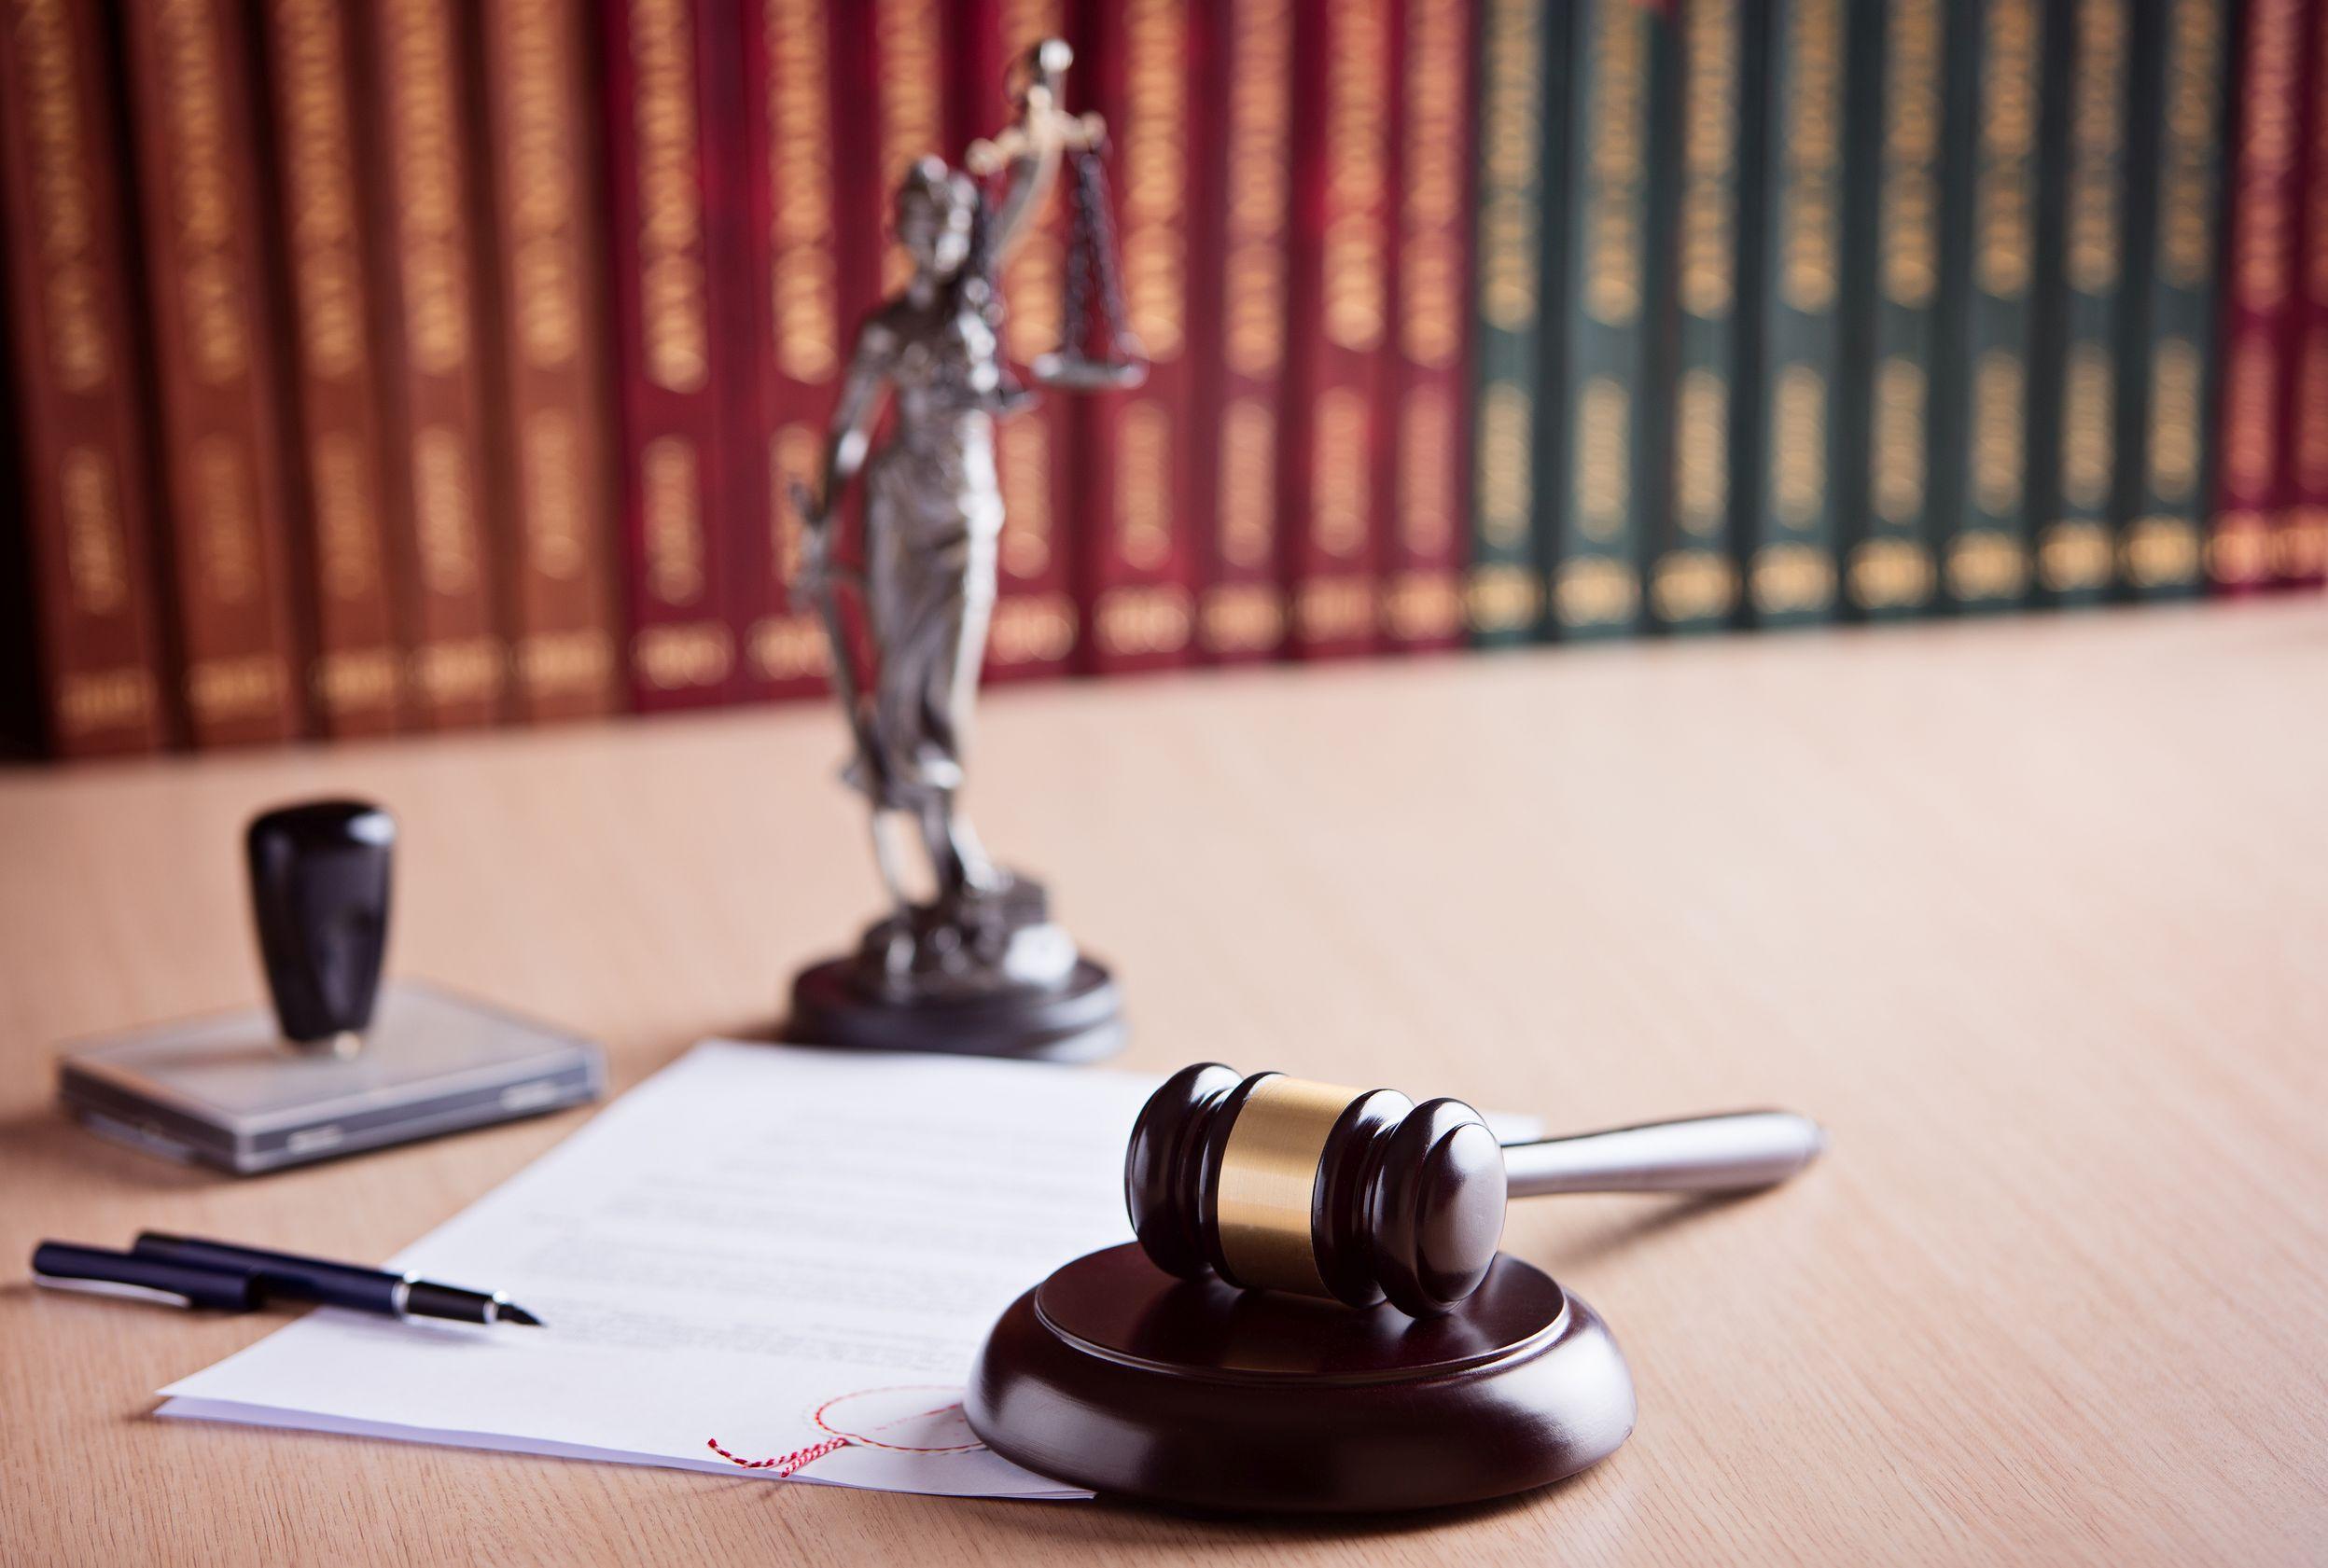 Curtea Constituţională: Protecţia informaţiilor clasificate nu e prioritară faţă de dreptul la informare al acuzatului/ Decizia trebuie să aparţină întotdeauna unui judecător